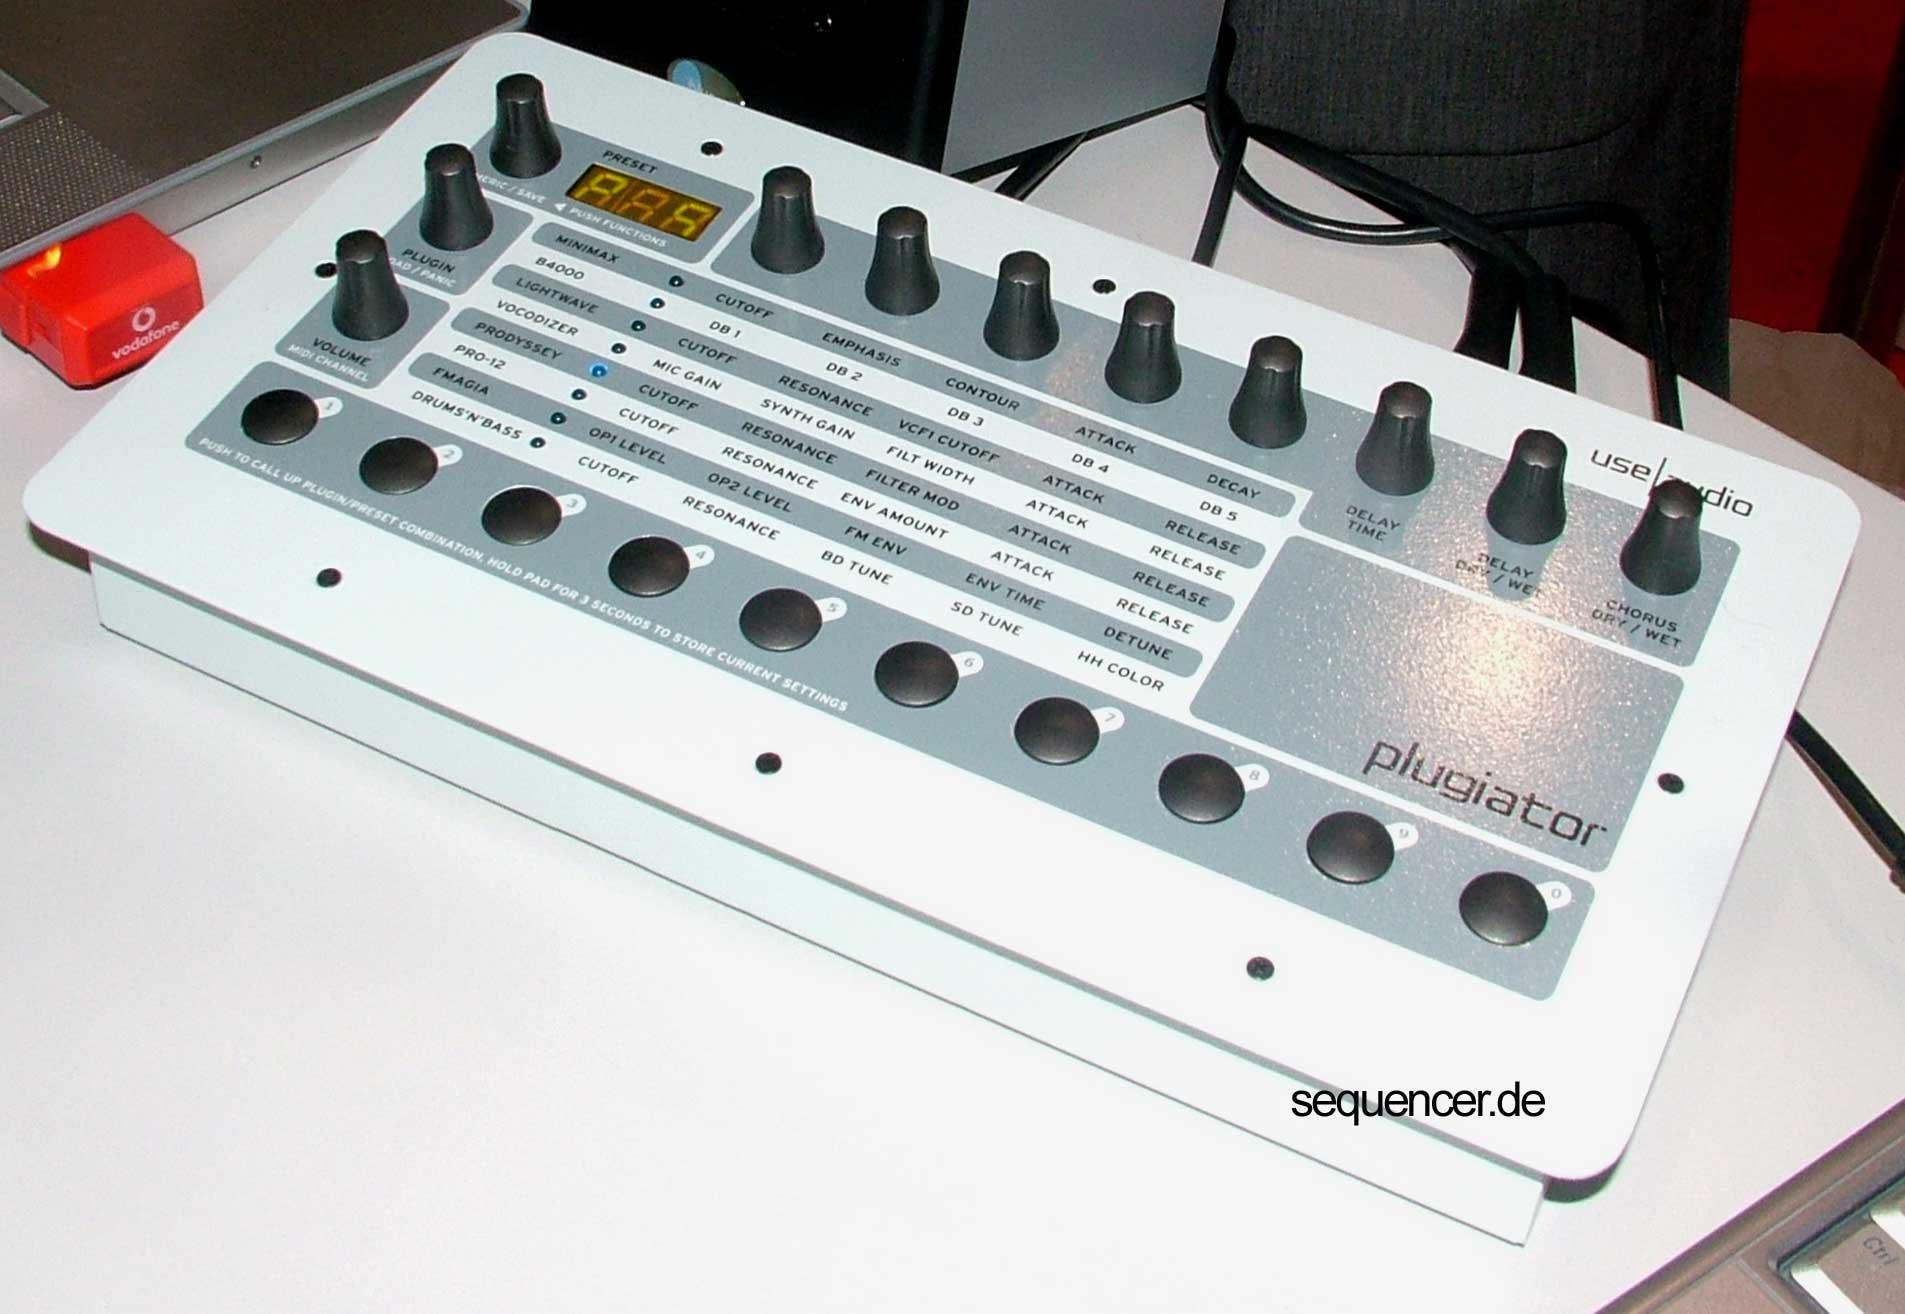 Use Audio Plugiator synthesizer